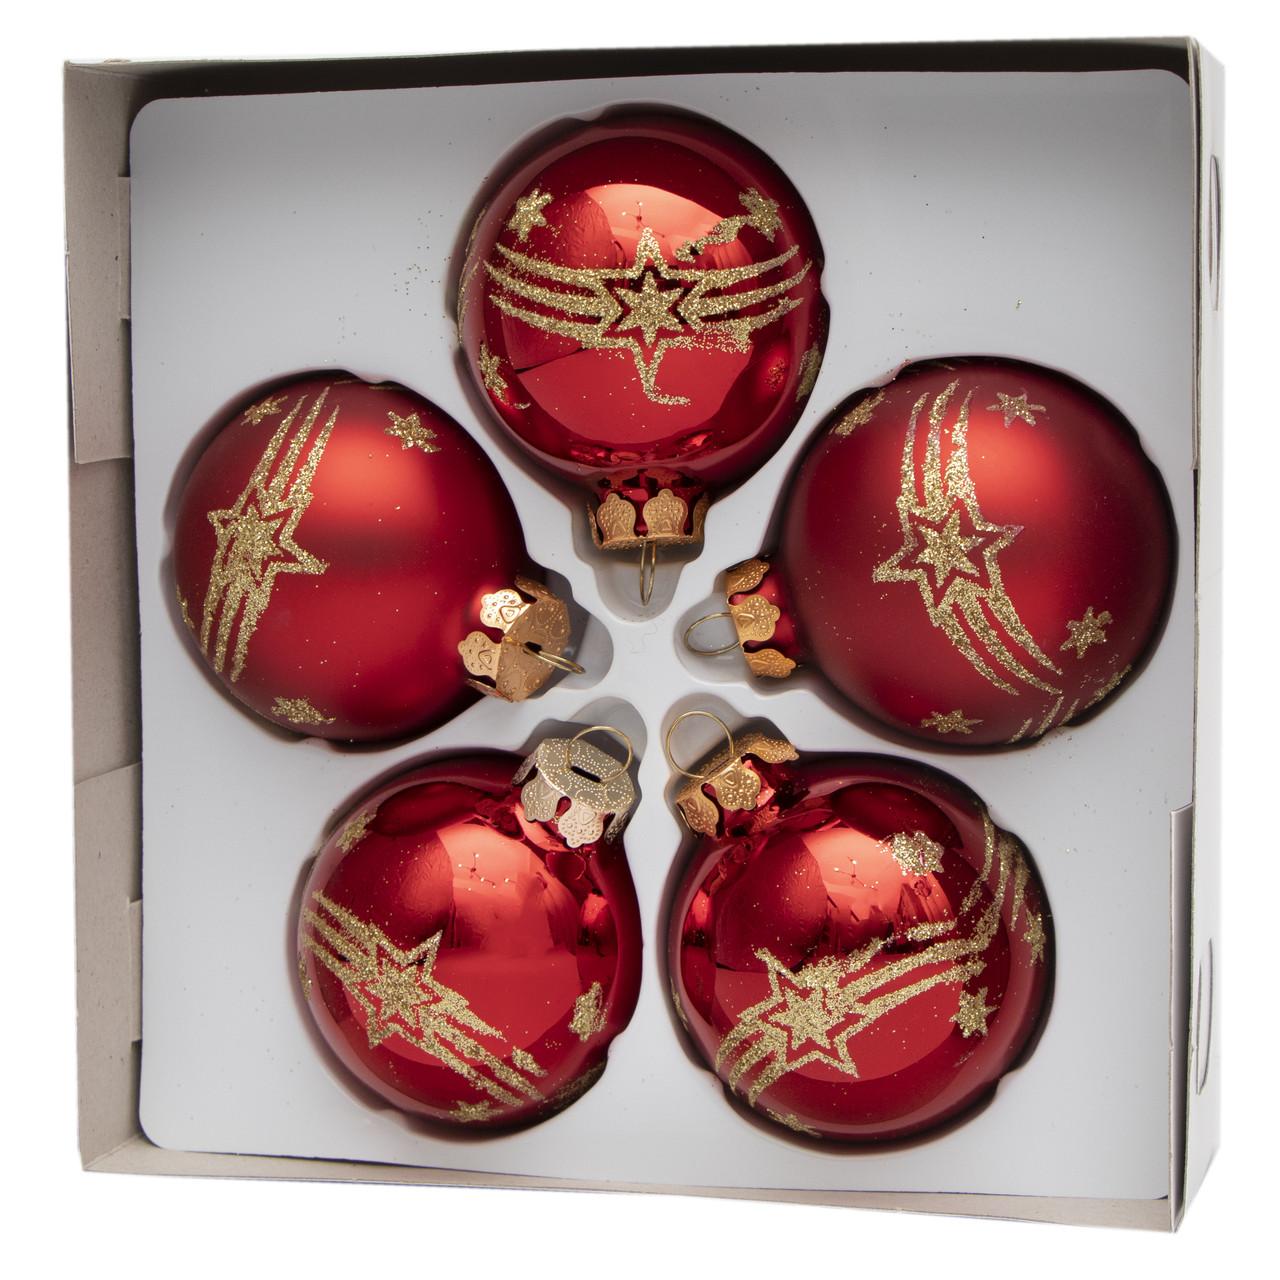 Набор елочных игрушек - шары с декором, 5 шт, D6 см, красный, звезды, стекло (390304-12)